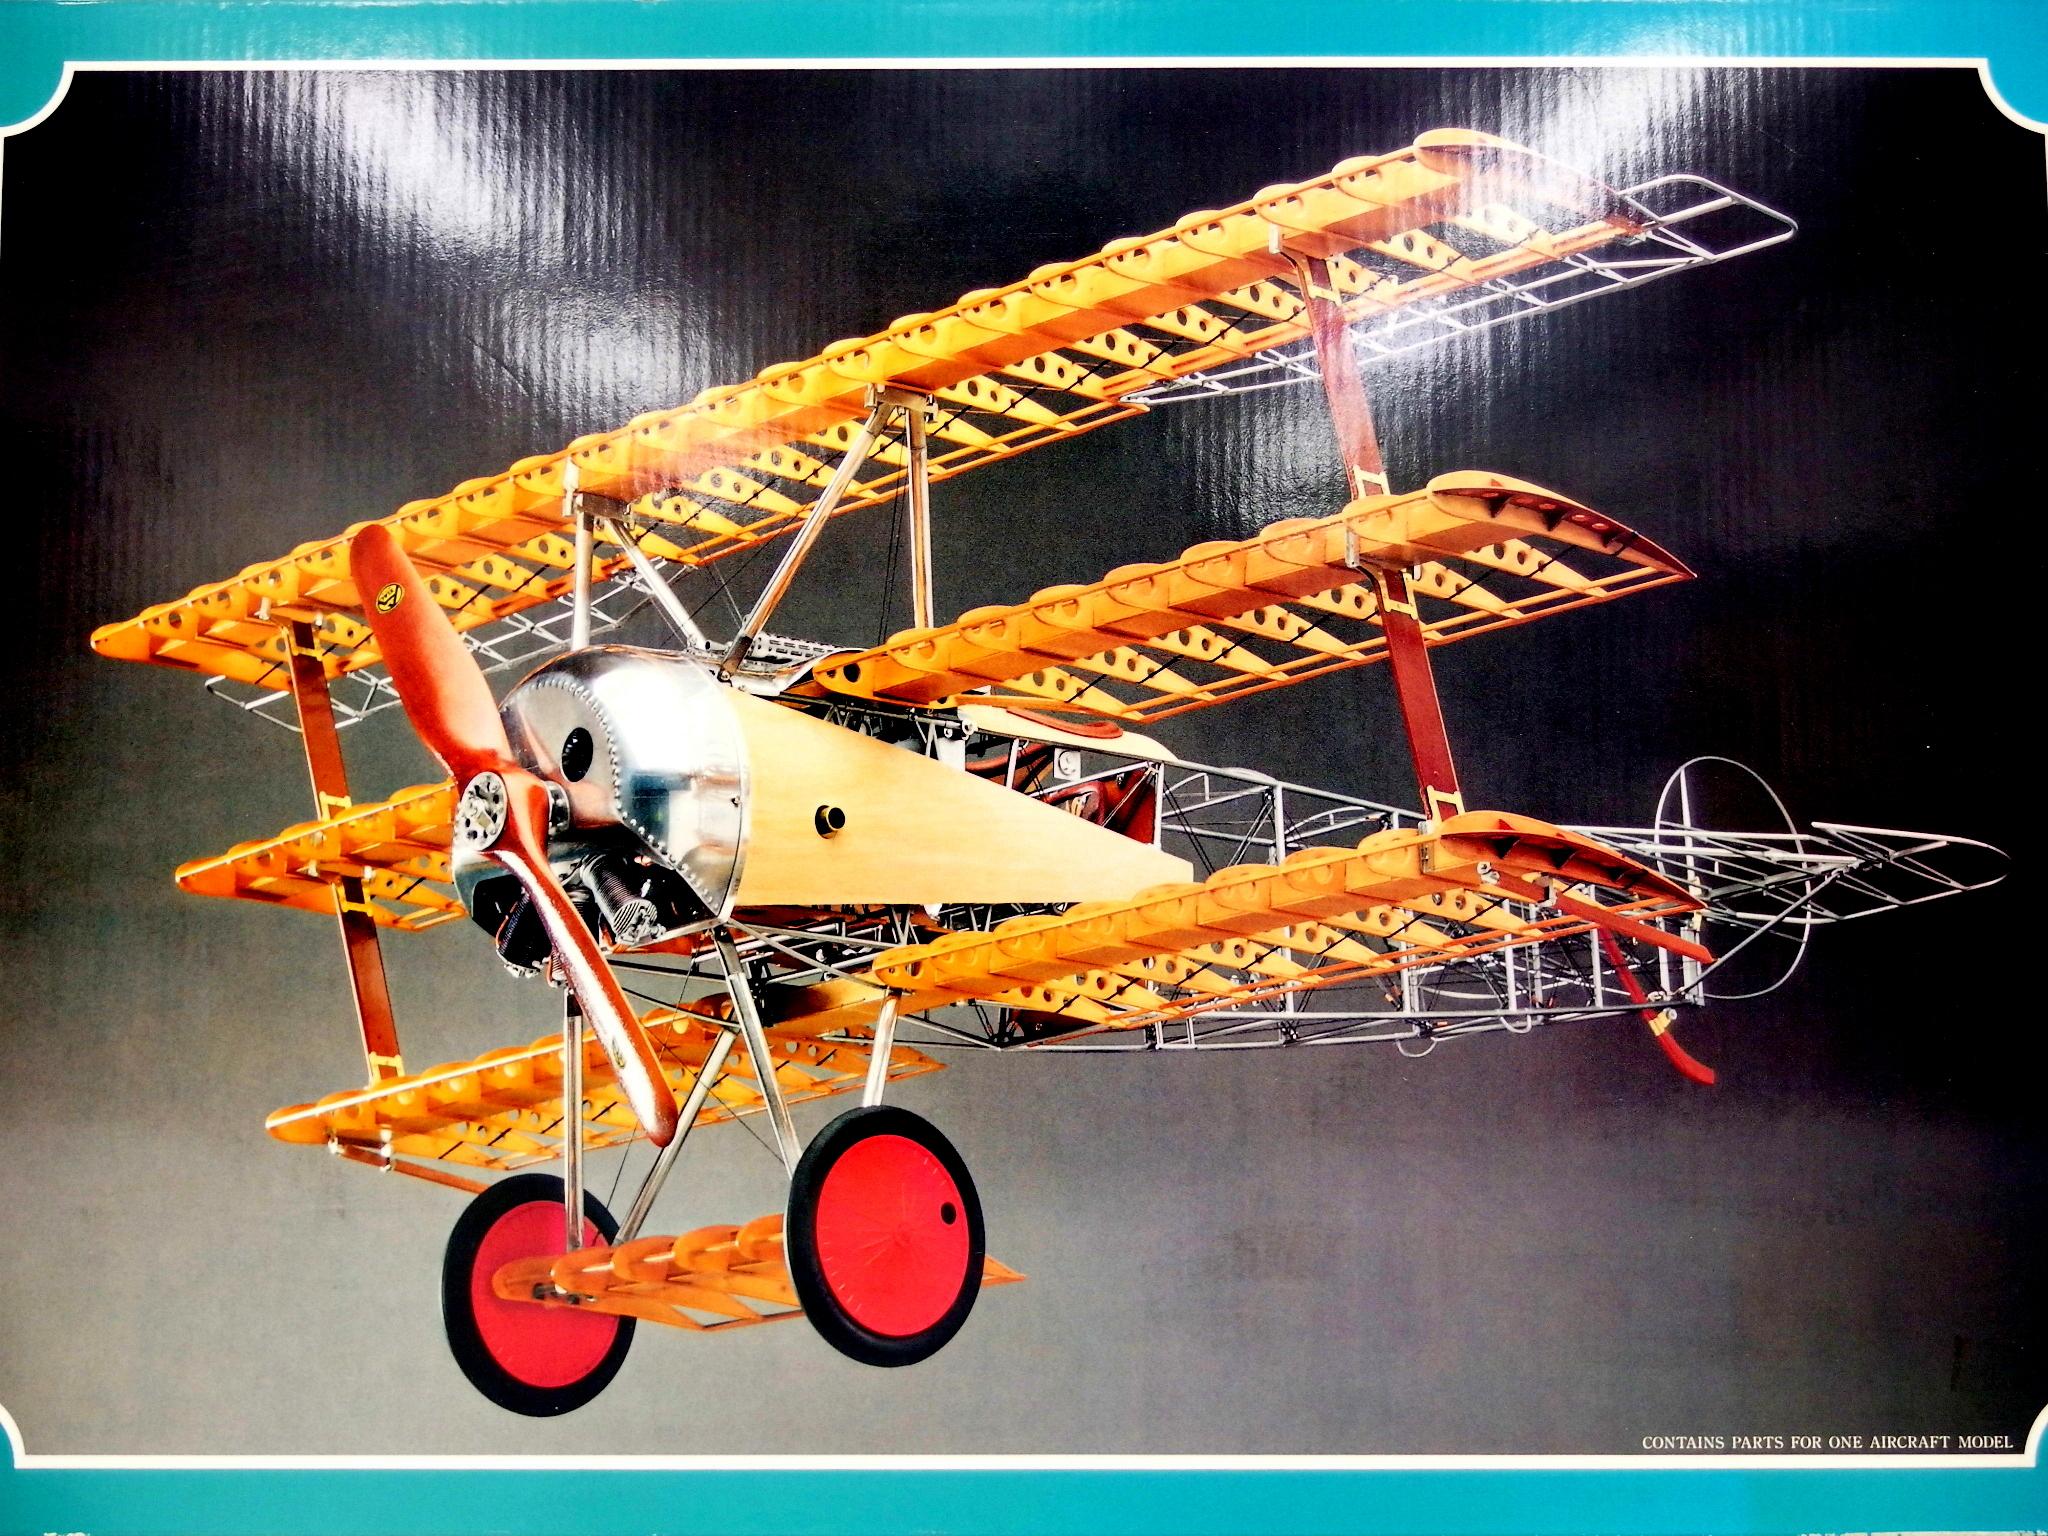 【買取】ハセガワ 1/8スケール ミュージアムモデル 第一次世界大戦 ドイツ戦闘機 フォッカーDr.1